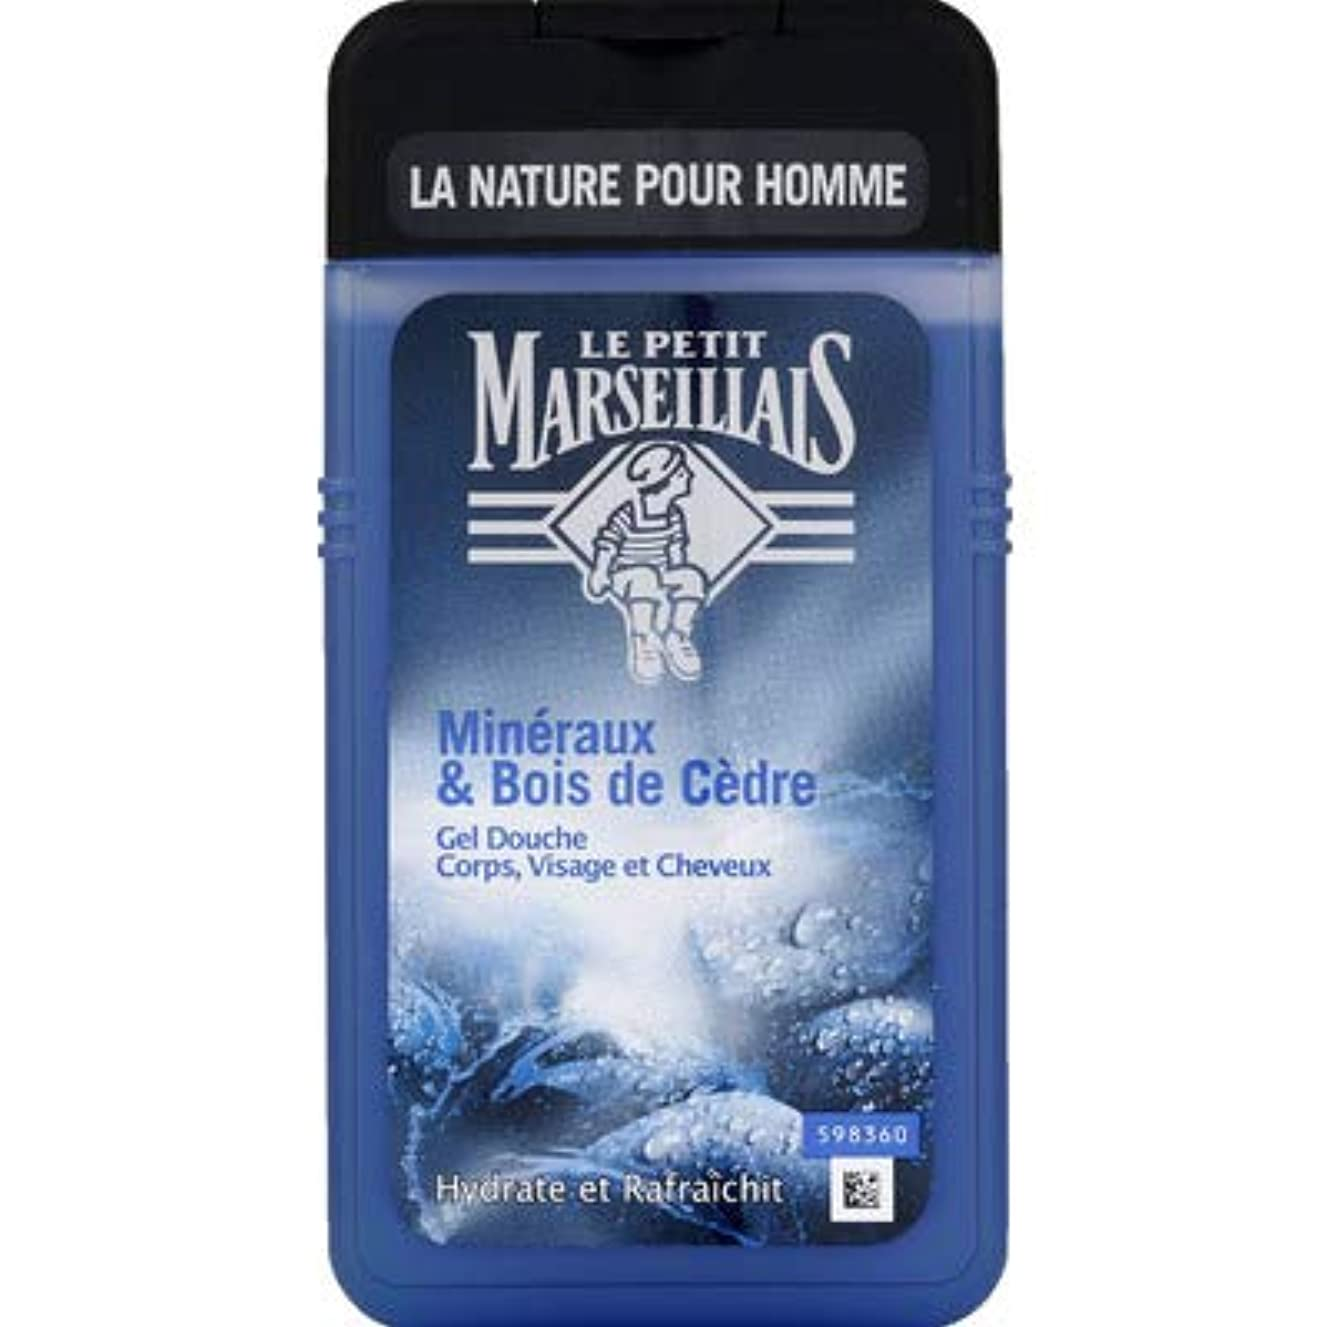 ドームなぜランクメンズ用 顔?髪?体 ボディウォッシュ「ミネラル」と「シダーウッド」シャワージェル フランスの「ル?プティ?マルセイユ (Le Petit Marseillais)」 250ml